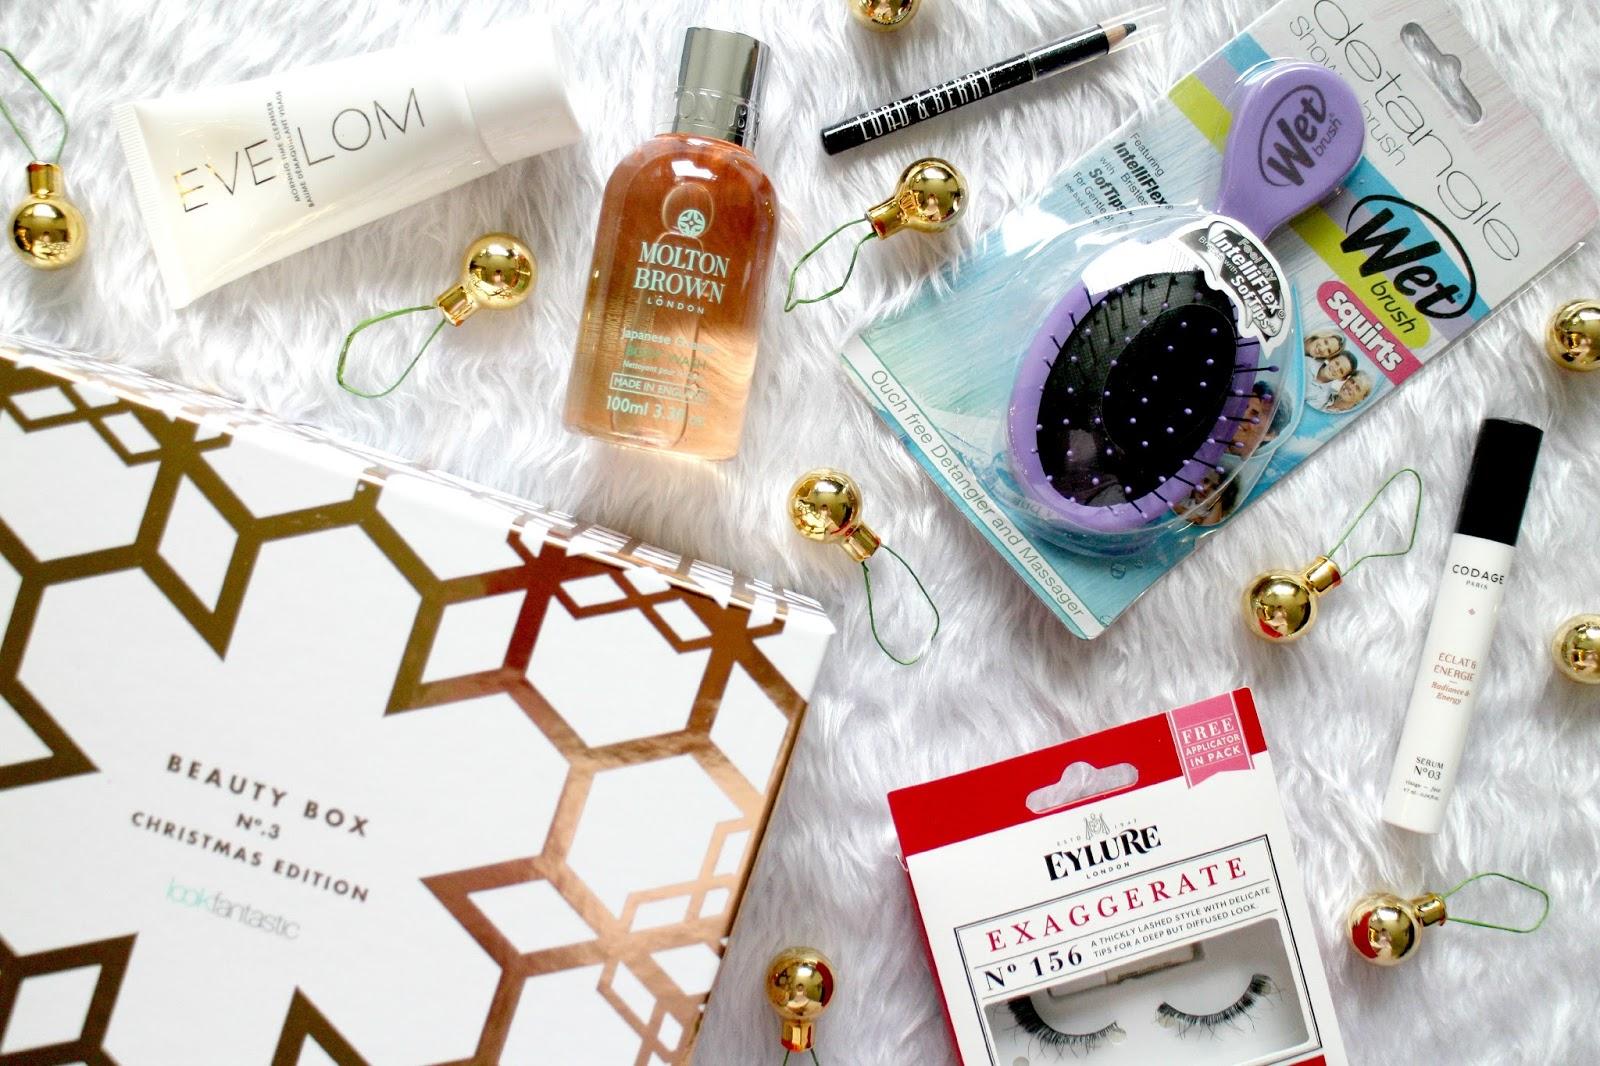 Look Fantastic Beauty Box Reviews